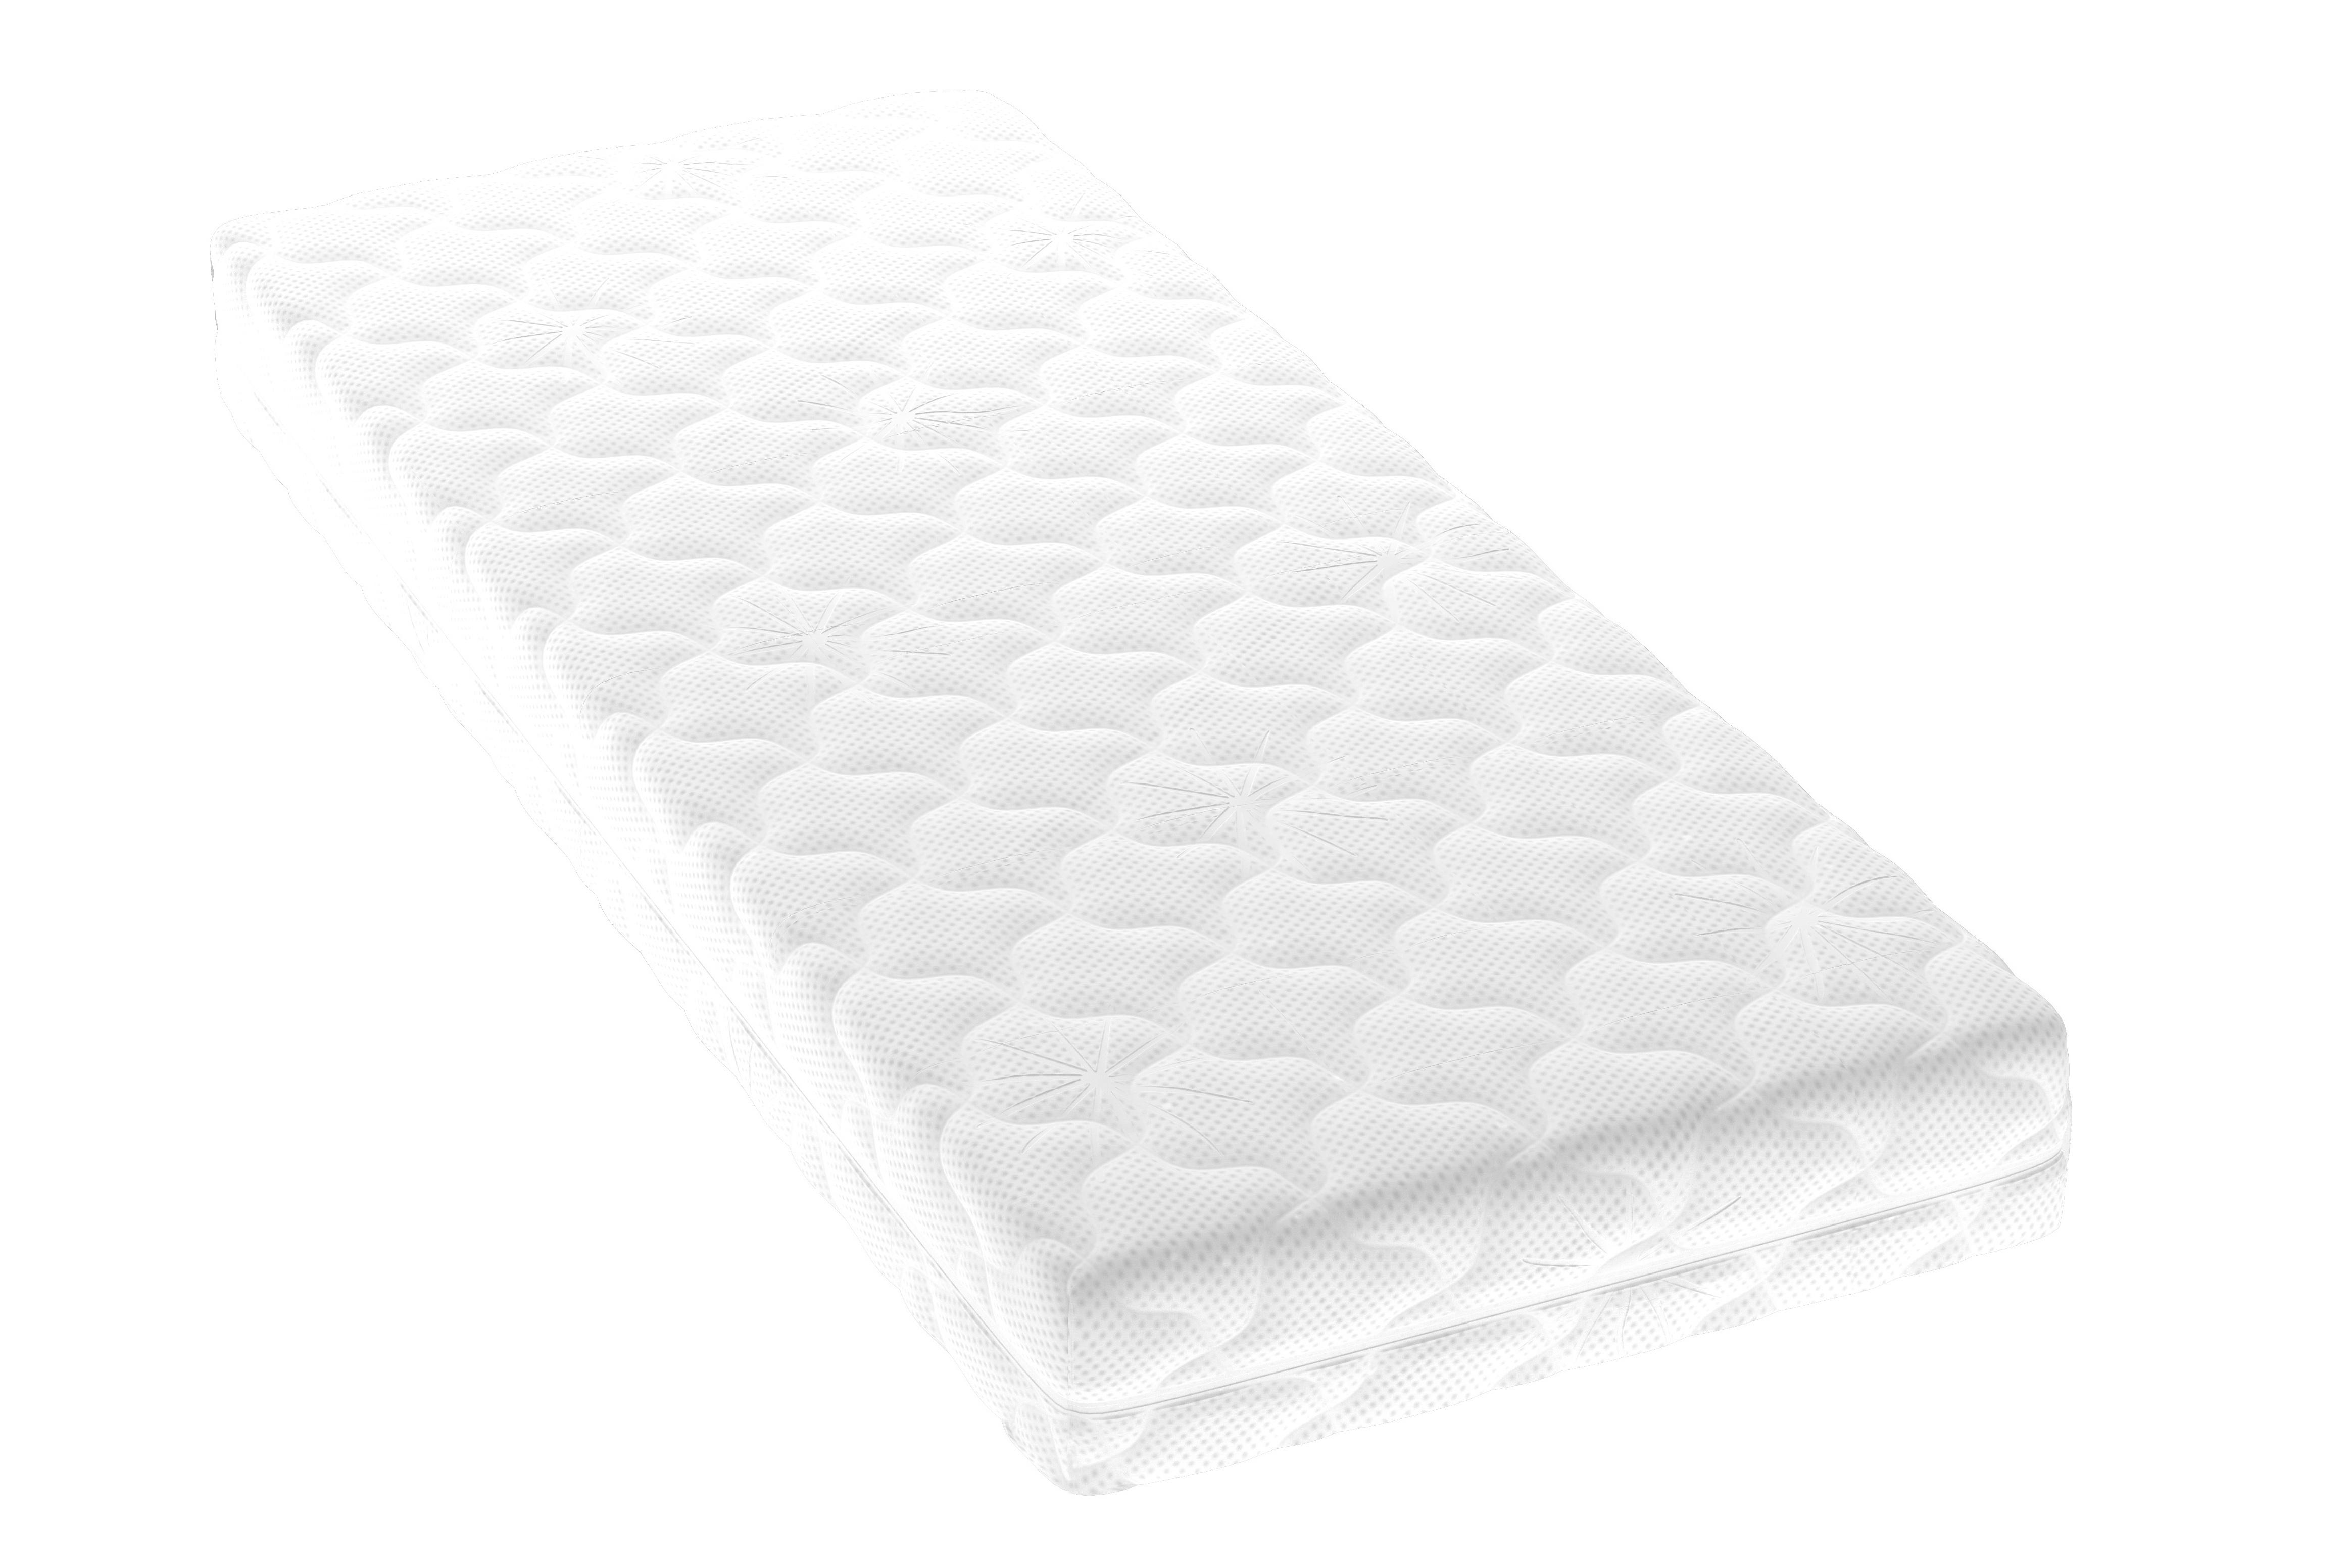 Матрас Tempo 190x140Беспружинные полутороспальные матрасы<br>Матрас из современного эластичного материала Smartflex Soft. Материал мягок и приятен на ощупь, гипоаллергенен, благодаря своей пористой структуре хорошо вентилируется.&amp;amp;nbsp;&amp;lt;div&amp;gt;&amp;lt;br&amp;gt;&amp;lt;/div&amp;gt;&amp;lt;div&amp;gt;Компактная упаковка в виде рулона и небольшой вес облегчают транспортировку матраса, делая его идеальным для быстрого обустройства спального места. Чехол из практичной трикотажной ткани Jersey, делающей его простым в уходе. Ткань чехла мягкая и эластичная на ощупь, имеет приятную фактуру, не сминается, устойчива к пятнам, не способствует размножению бактерий и пылевых клещей.&amp;amp;nbsp;&amp;lt;/div&amp;gt;&amp;lt;div&amp;gt;Матрас Tempo – для тех, кто привык жить в быстром темпе!&amp;lt;/div&amp;gt;<br><br>Material: Текстиль<br>Ширина см: 140<br>Высота см: 17<br>Глубина см: 190